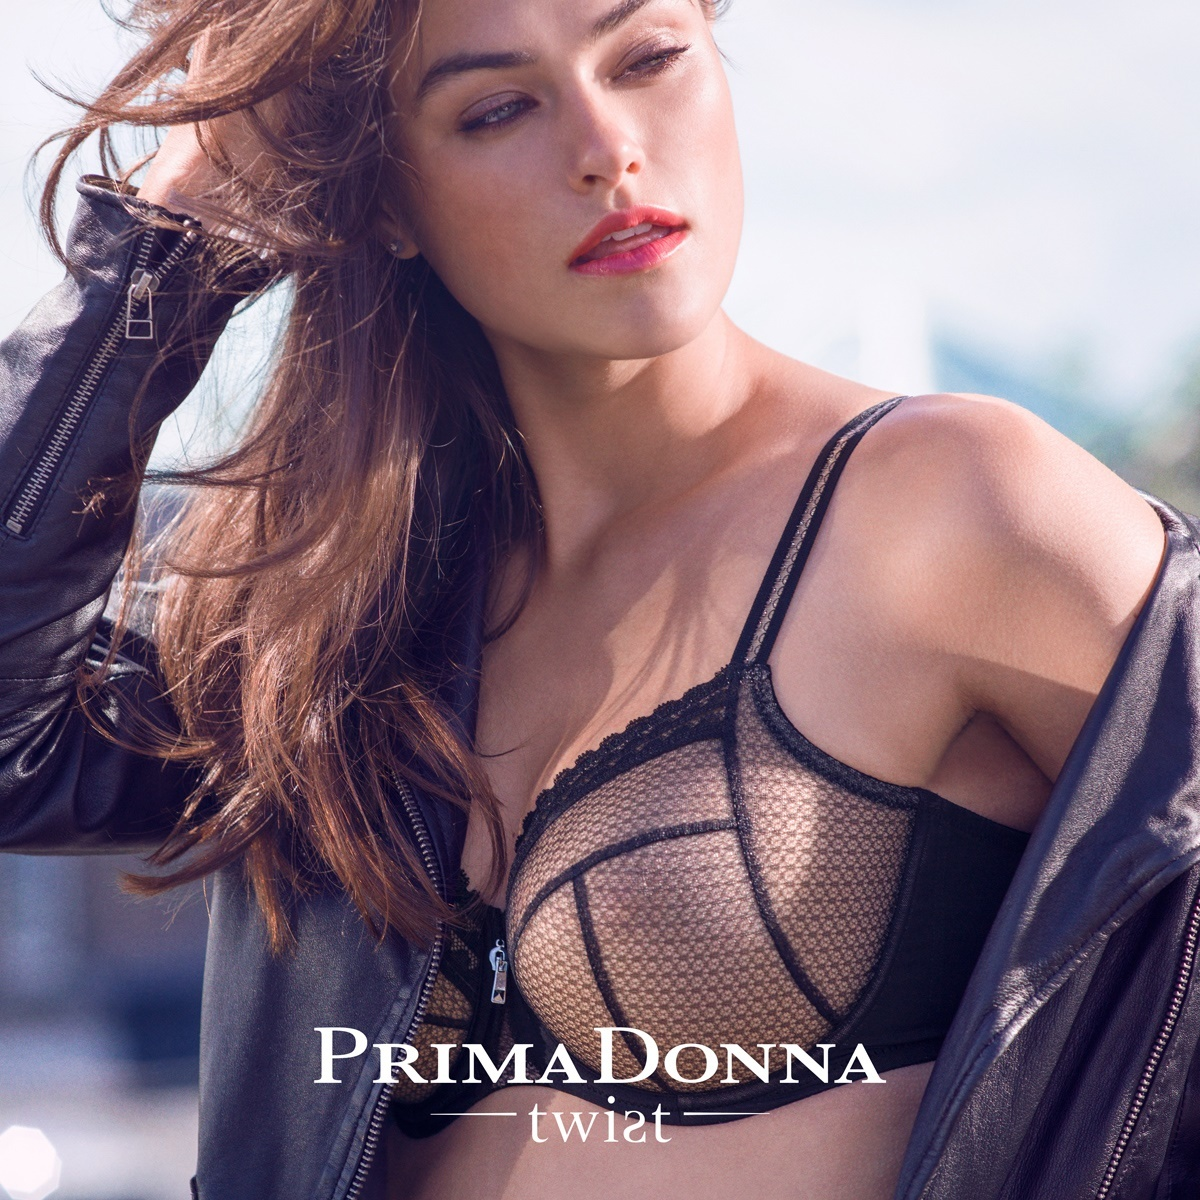 PrimaDonna Twist Prima Donna Twist I want you mousse hart bh C-G zwart